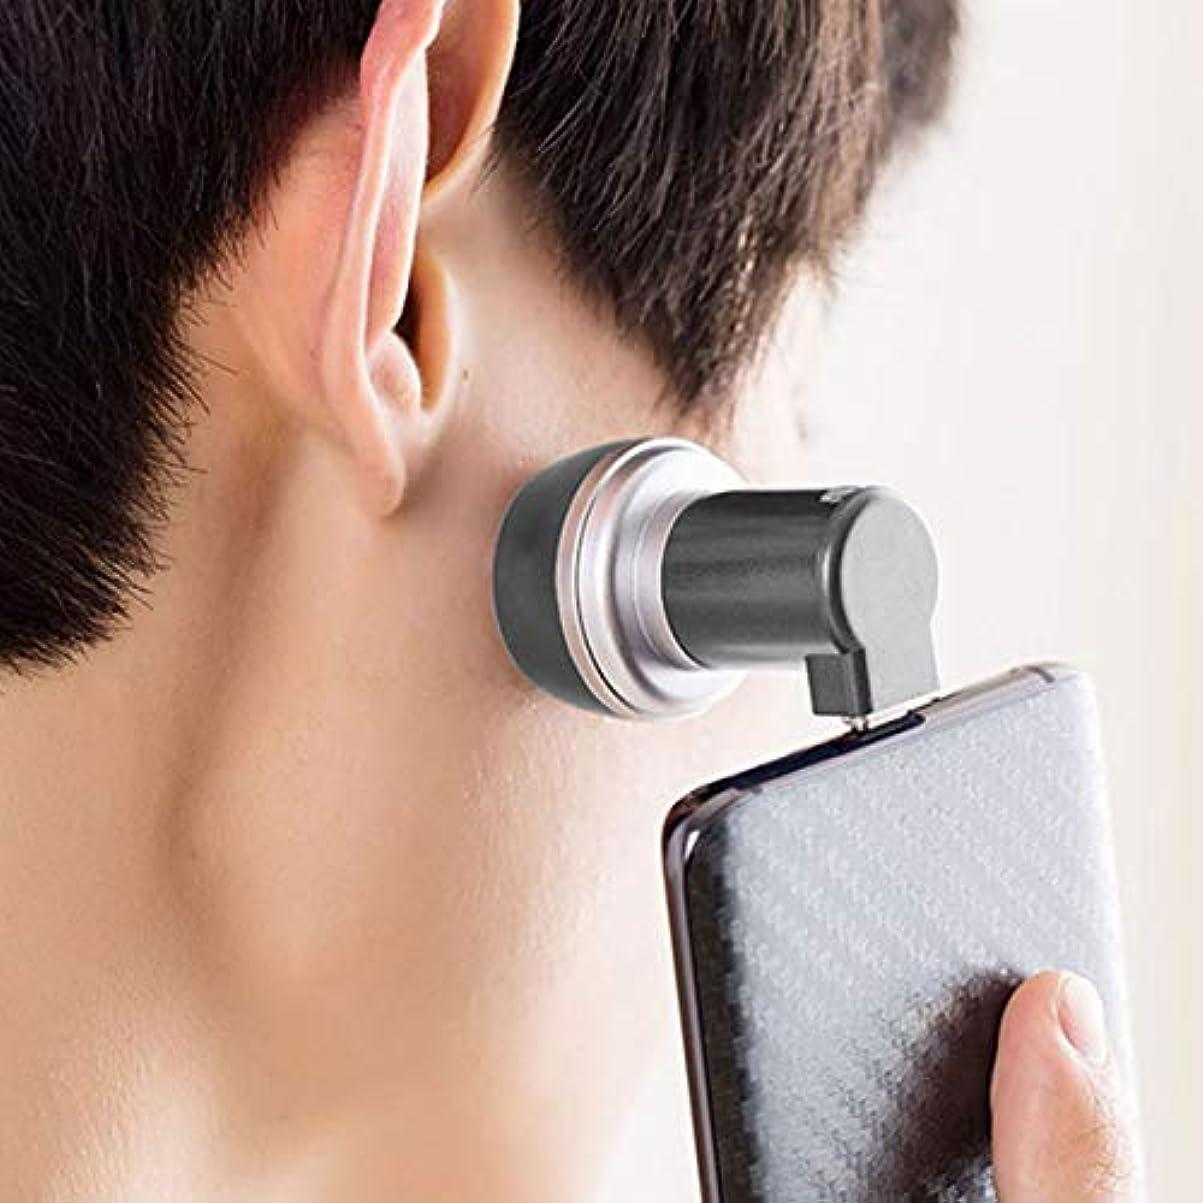 申し立てる靄統治するメンズ 電気 シェーバー 髭剃り 回転式 ミニ 電動ひげそり 携帯電話/USB充電式 持ち運び便利 ビジネス 海外対応 type-c/USB/lightningポート (ダークグレー, Lighting(IOS))